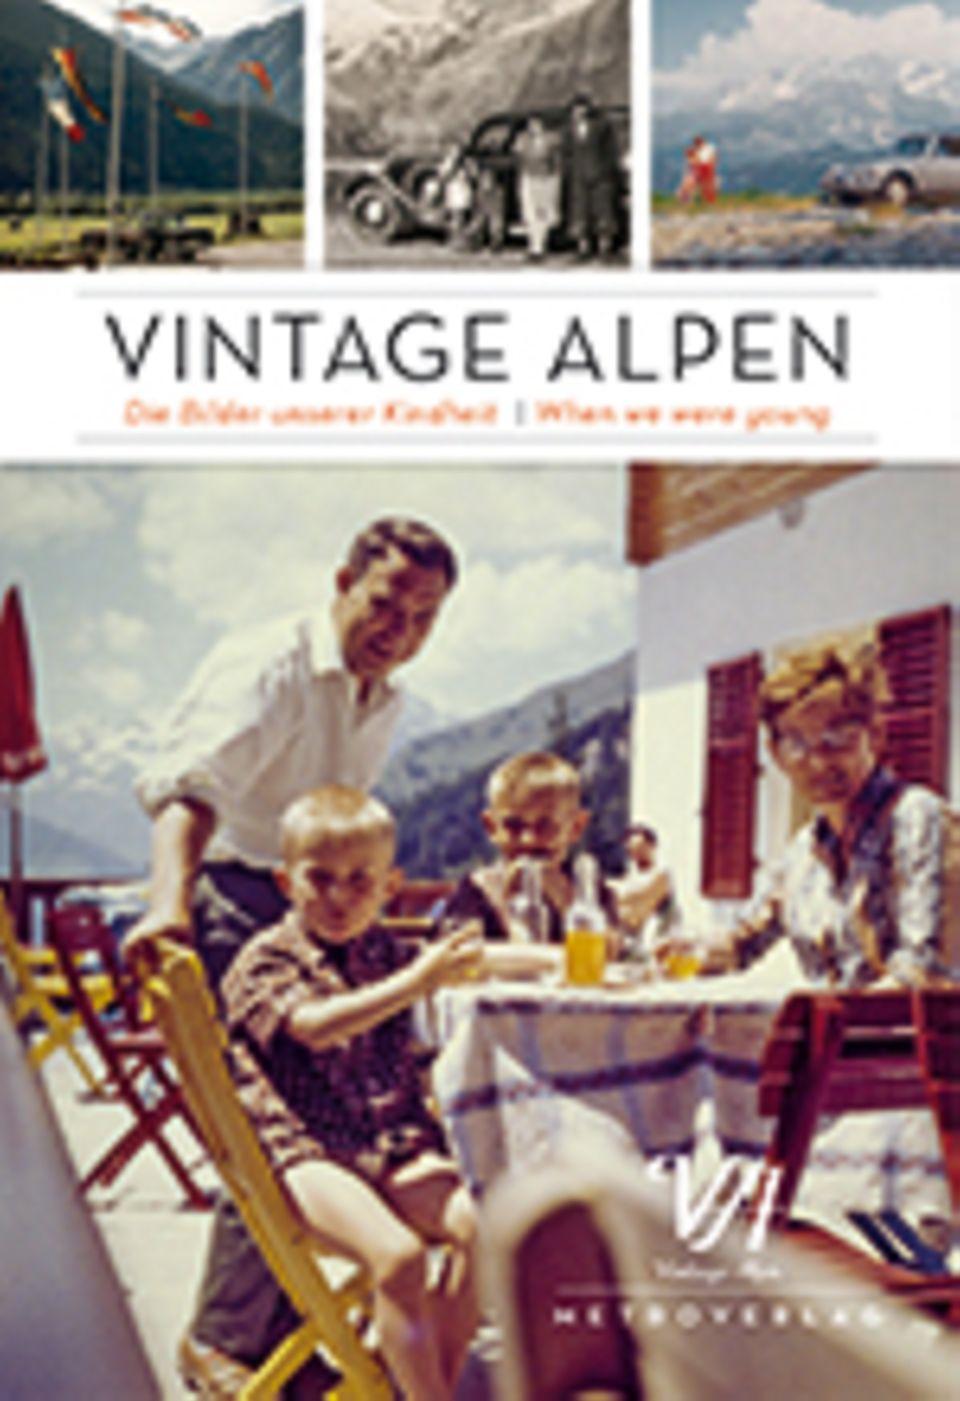 Vintage Alpen: Vintage Alpen, Daniela Horvath, Michael Martinek, 160 Seiten, Texte auf Deutsch und Englisch, 19,90 Euro, erschienen bei Metroverlag, 2014